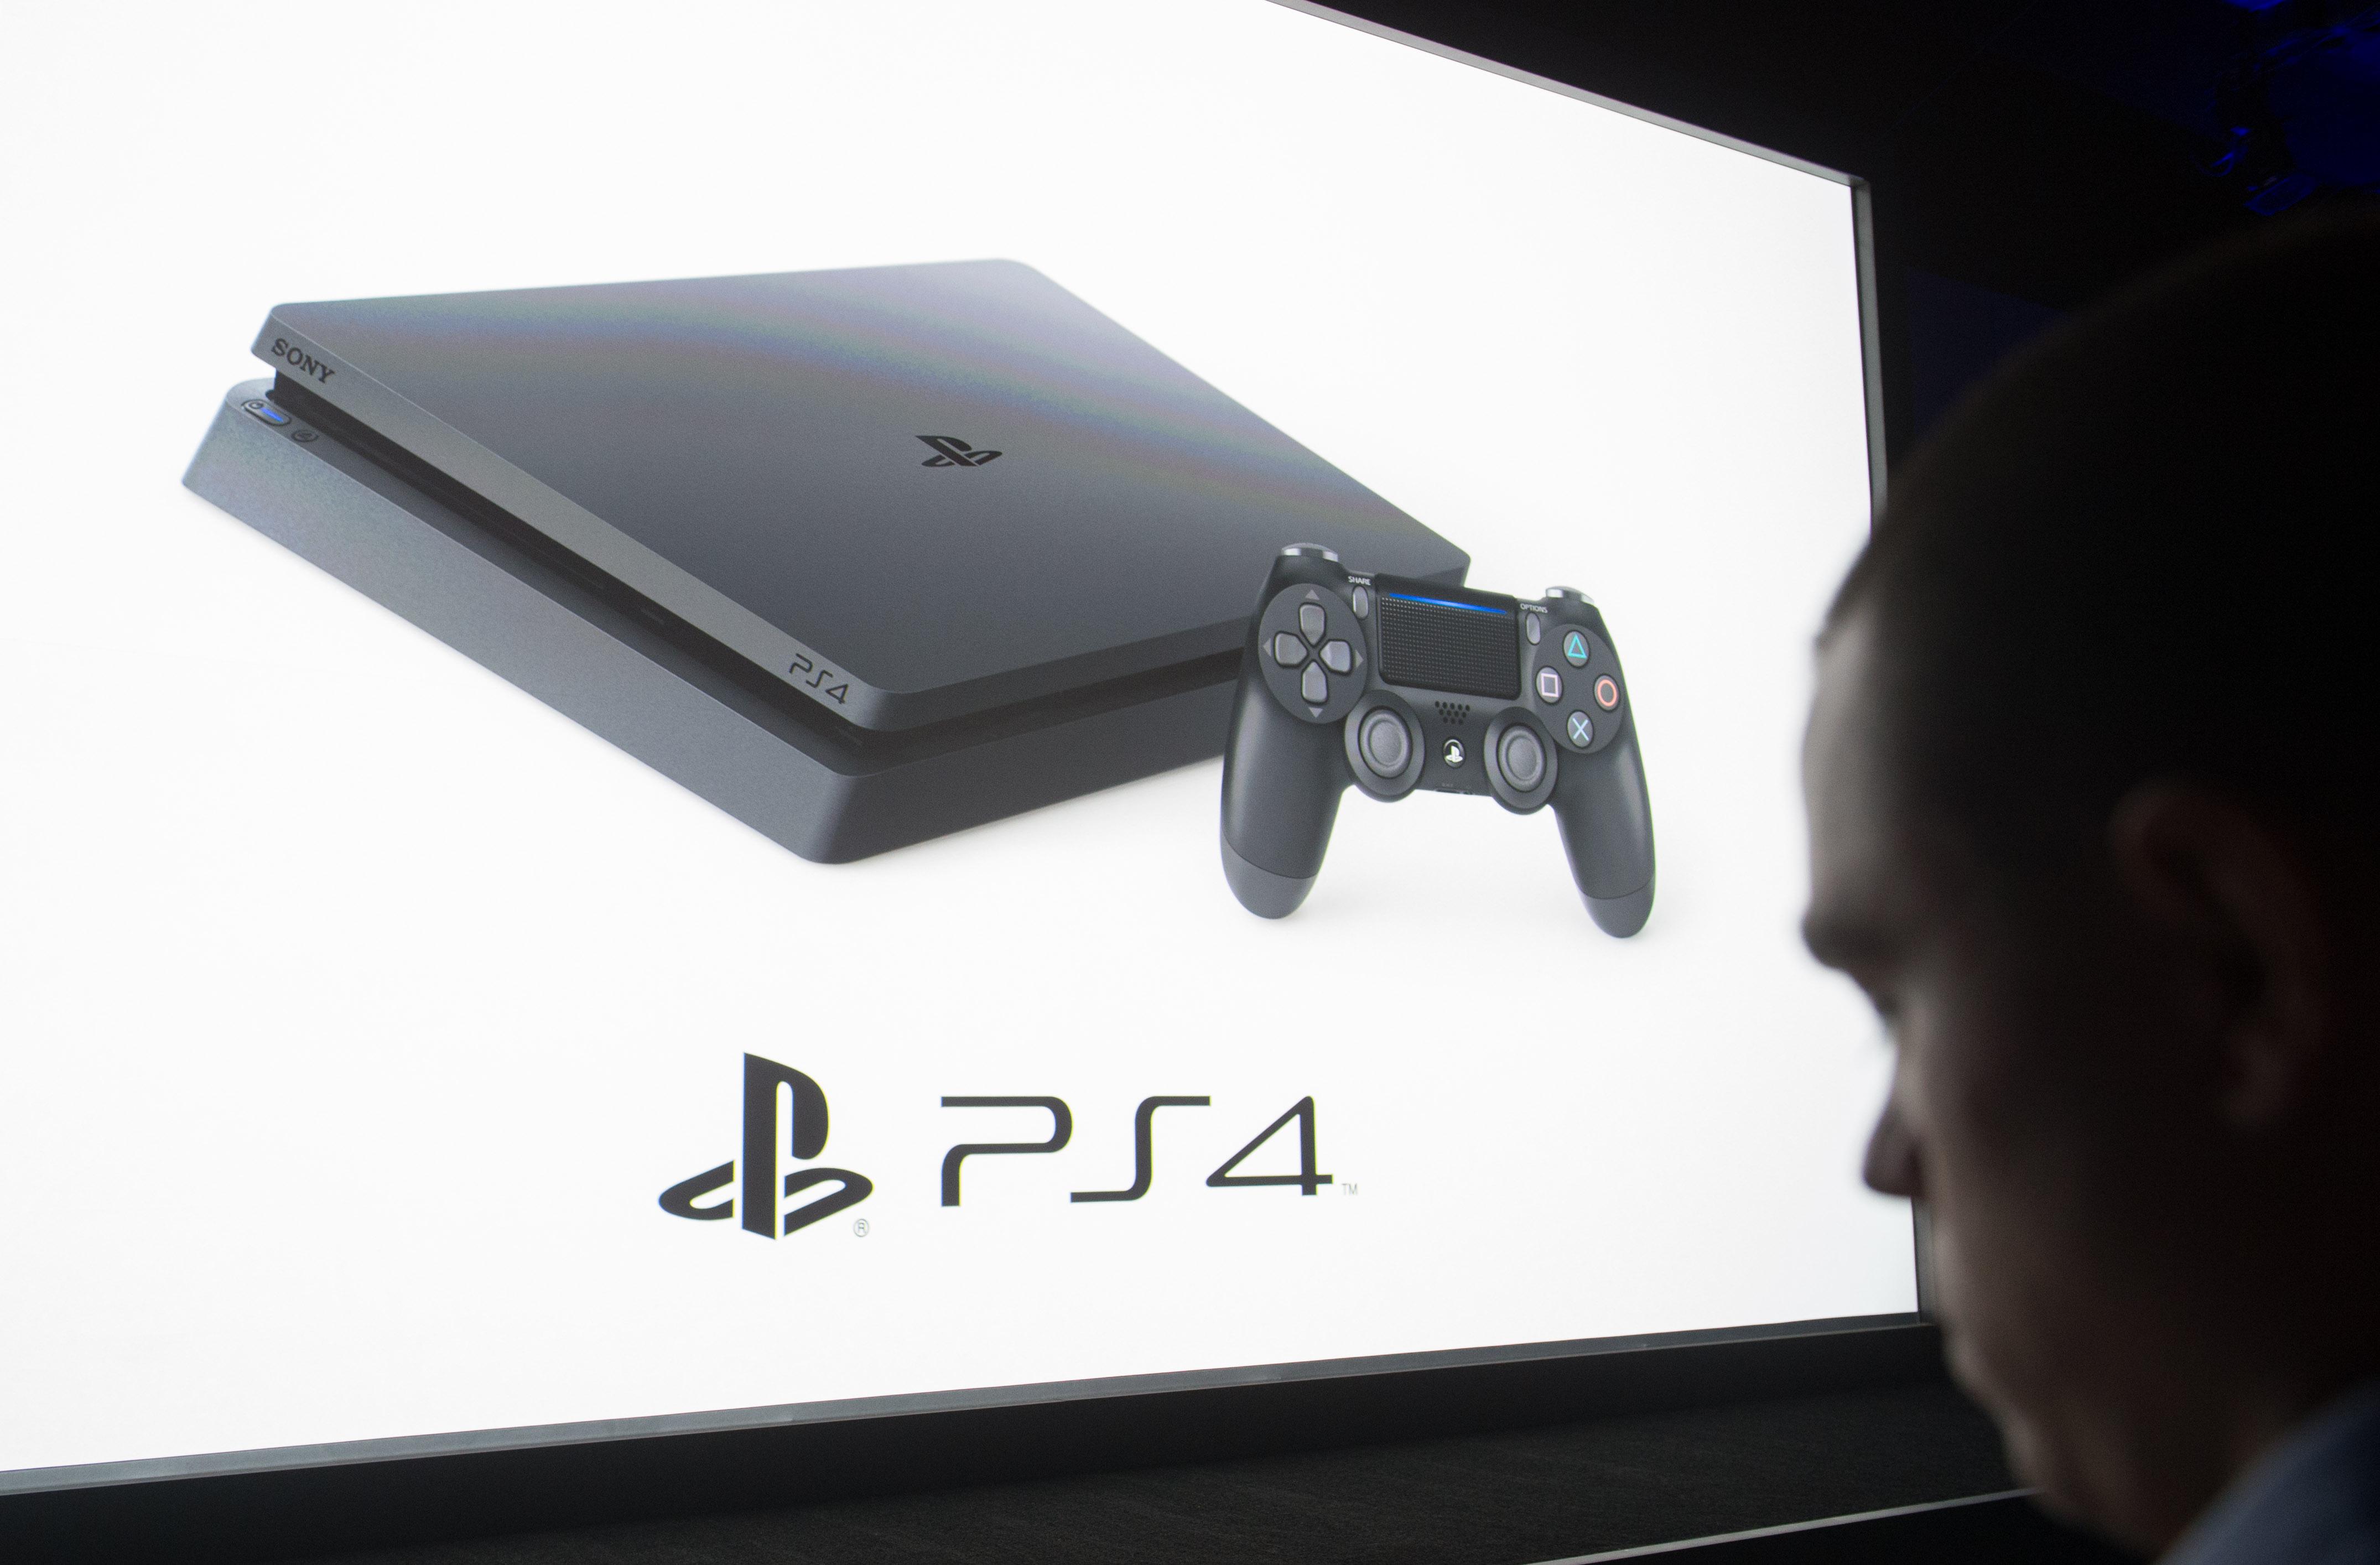 Inženirji podjetja Sony bodo vse svoje moči odslej usmerili v razvoj igralne konzole PlayStation 5.